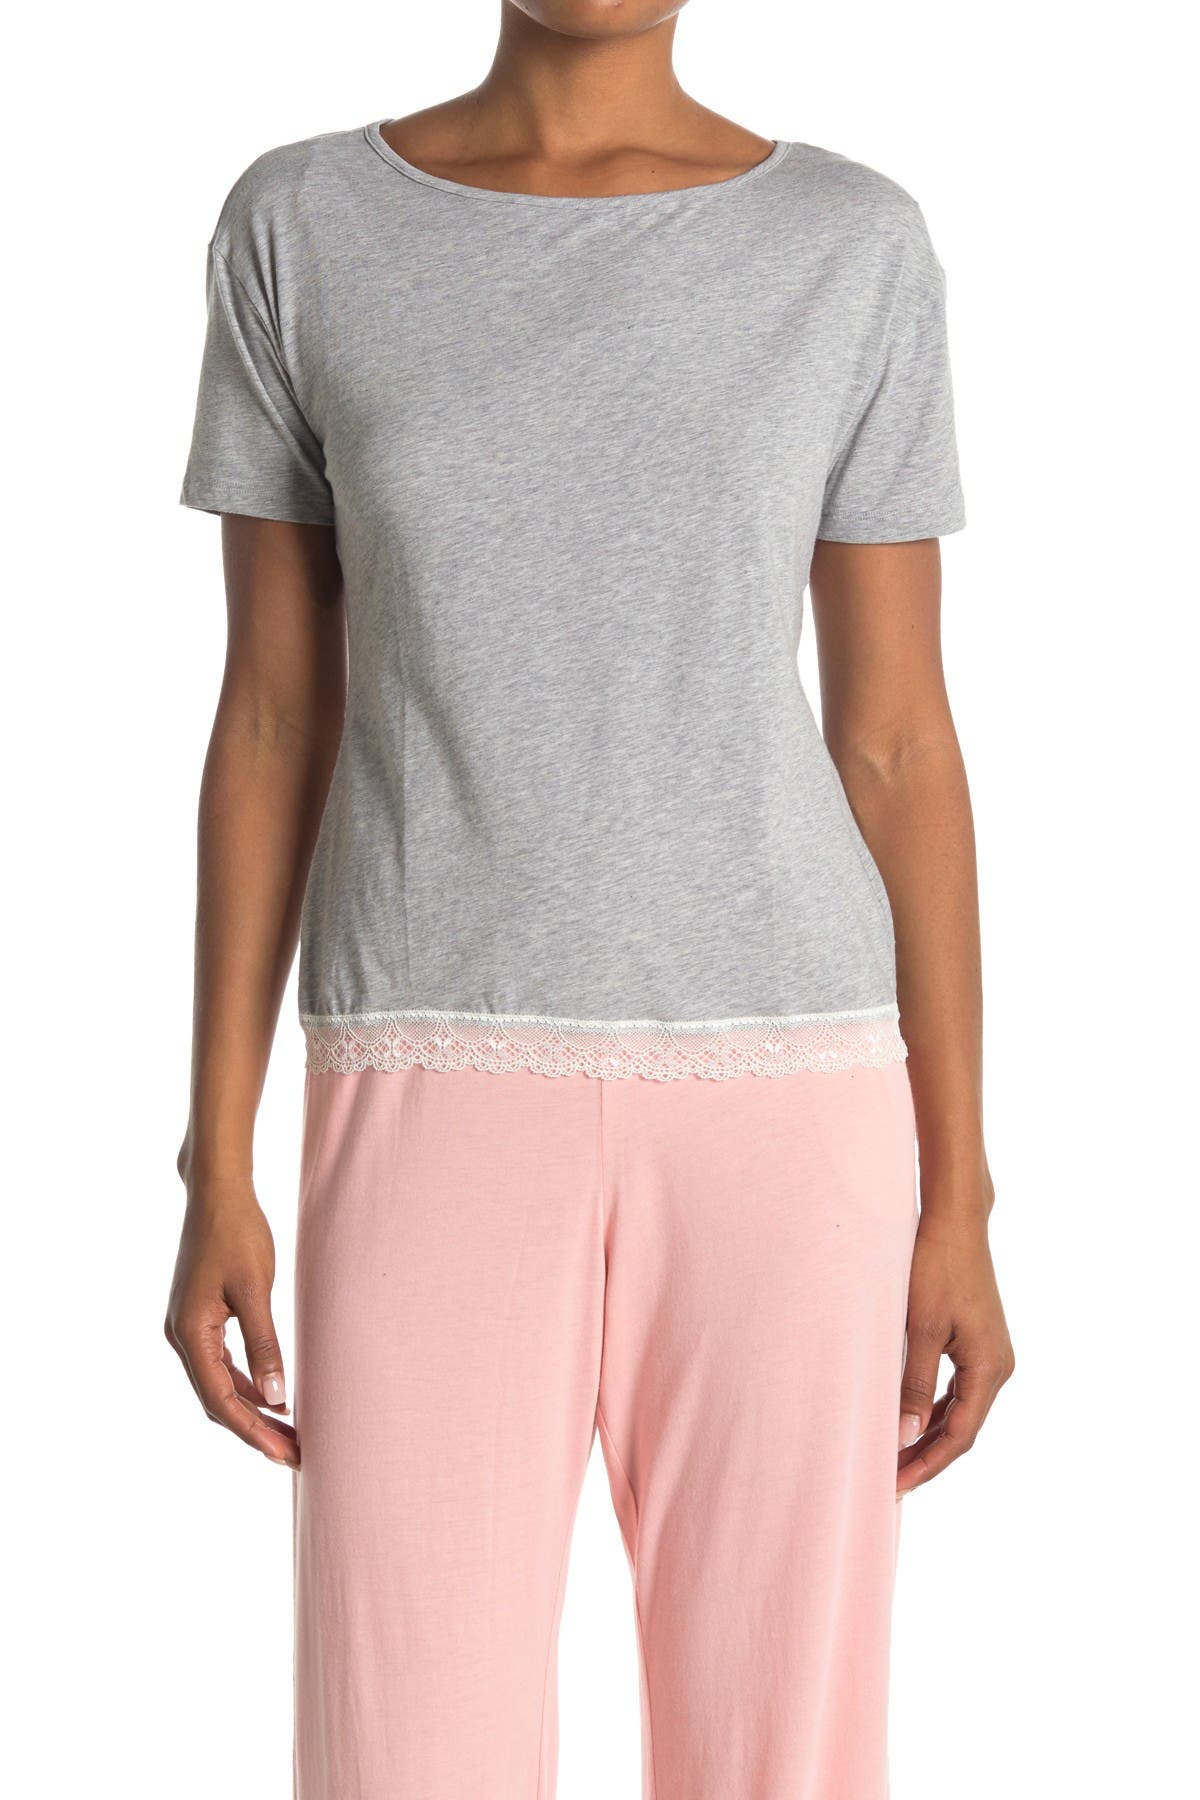 Image of Cosabella Majestic Lace Trim Pajama Shirt